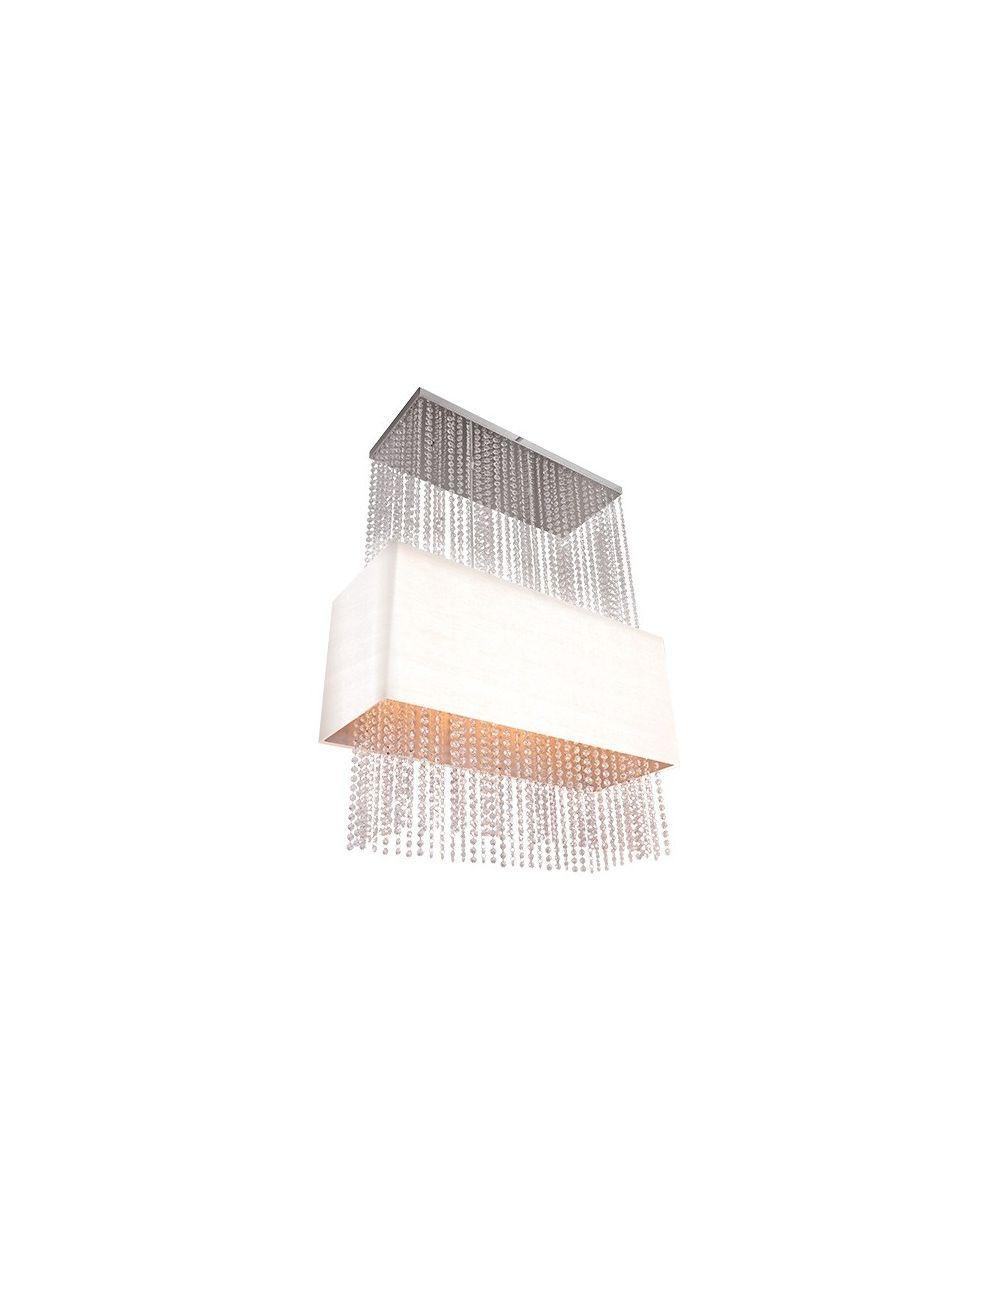 Lampa wisząca Glamour prostokąt biała